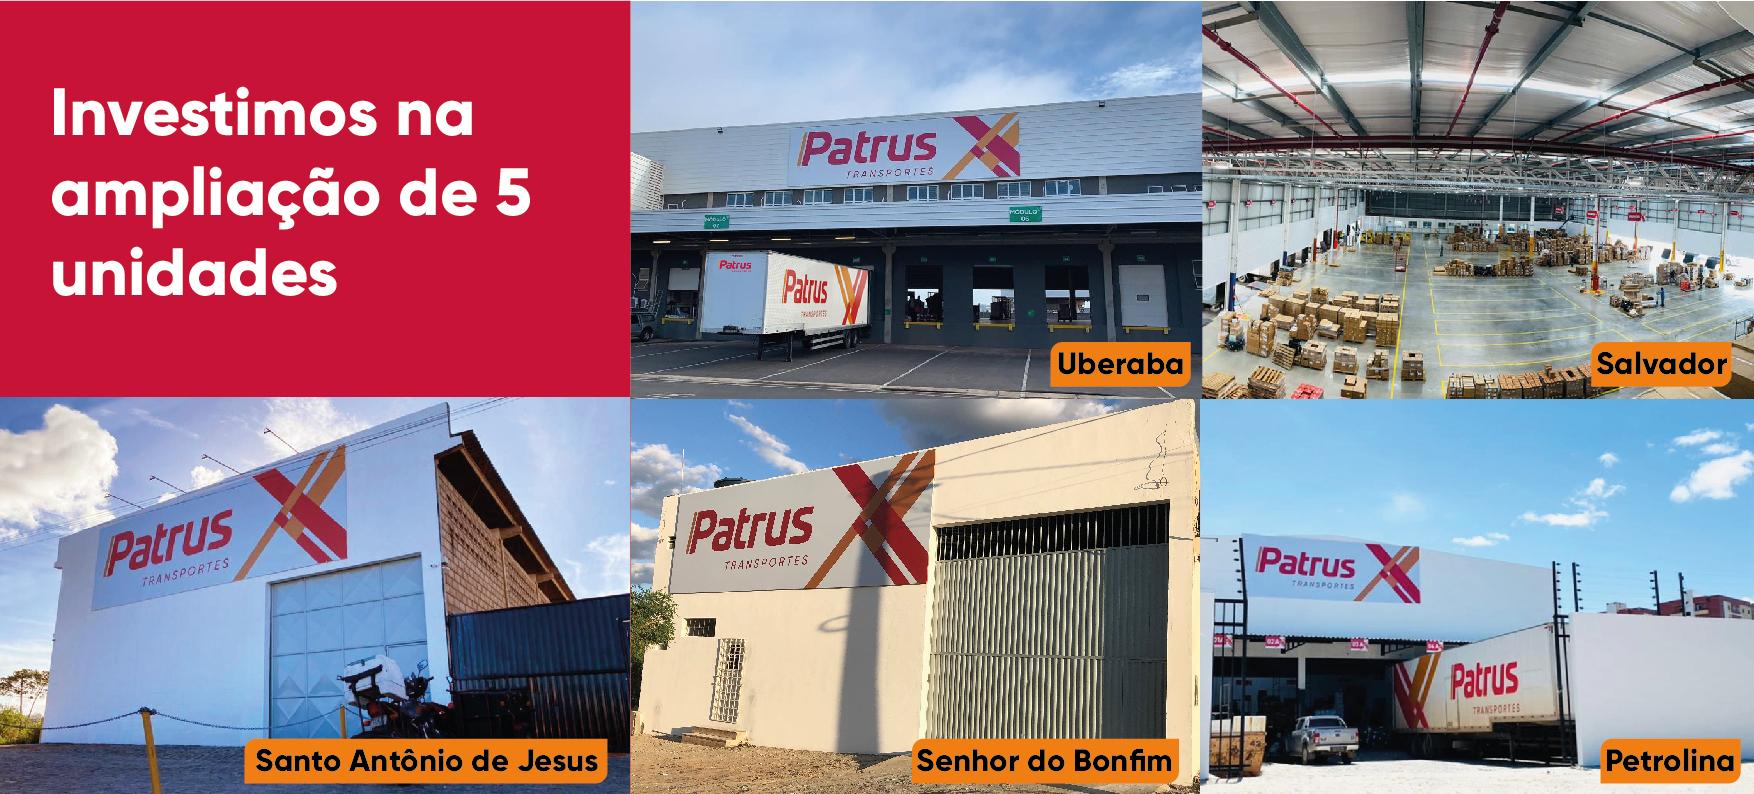 Patrus Transportes investe em novos terminais no Nordeste e em Minas Gerais